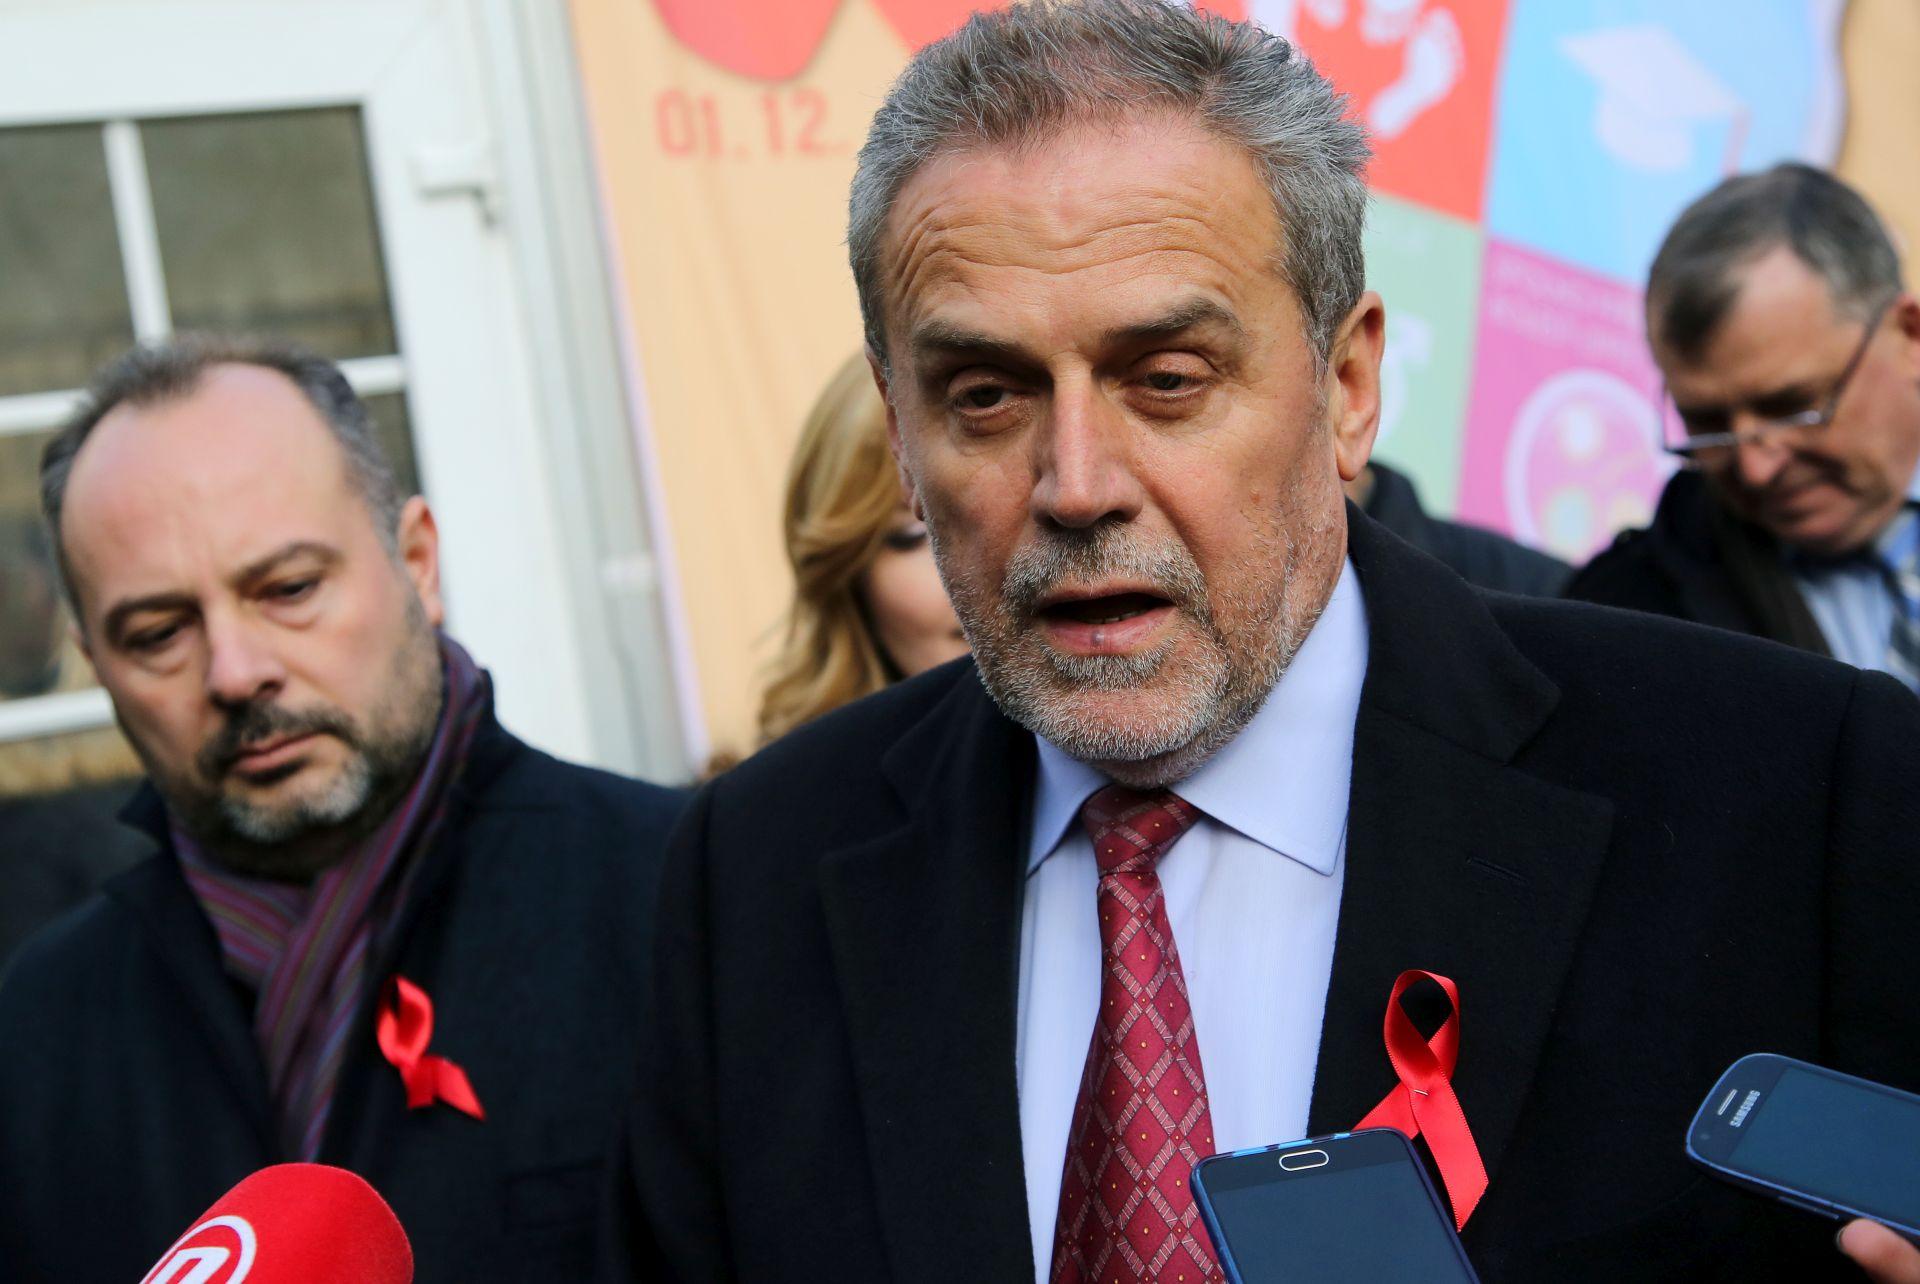 AFERA AGRAM: Tajno snimljeni razgovori u istrazi protiv Bandića ipak zakoniti